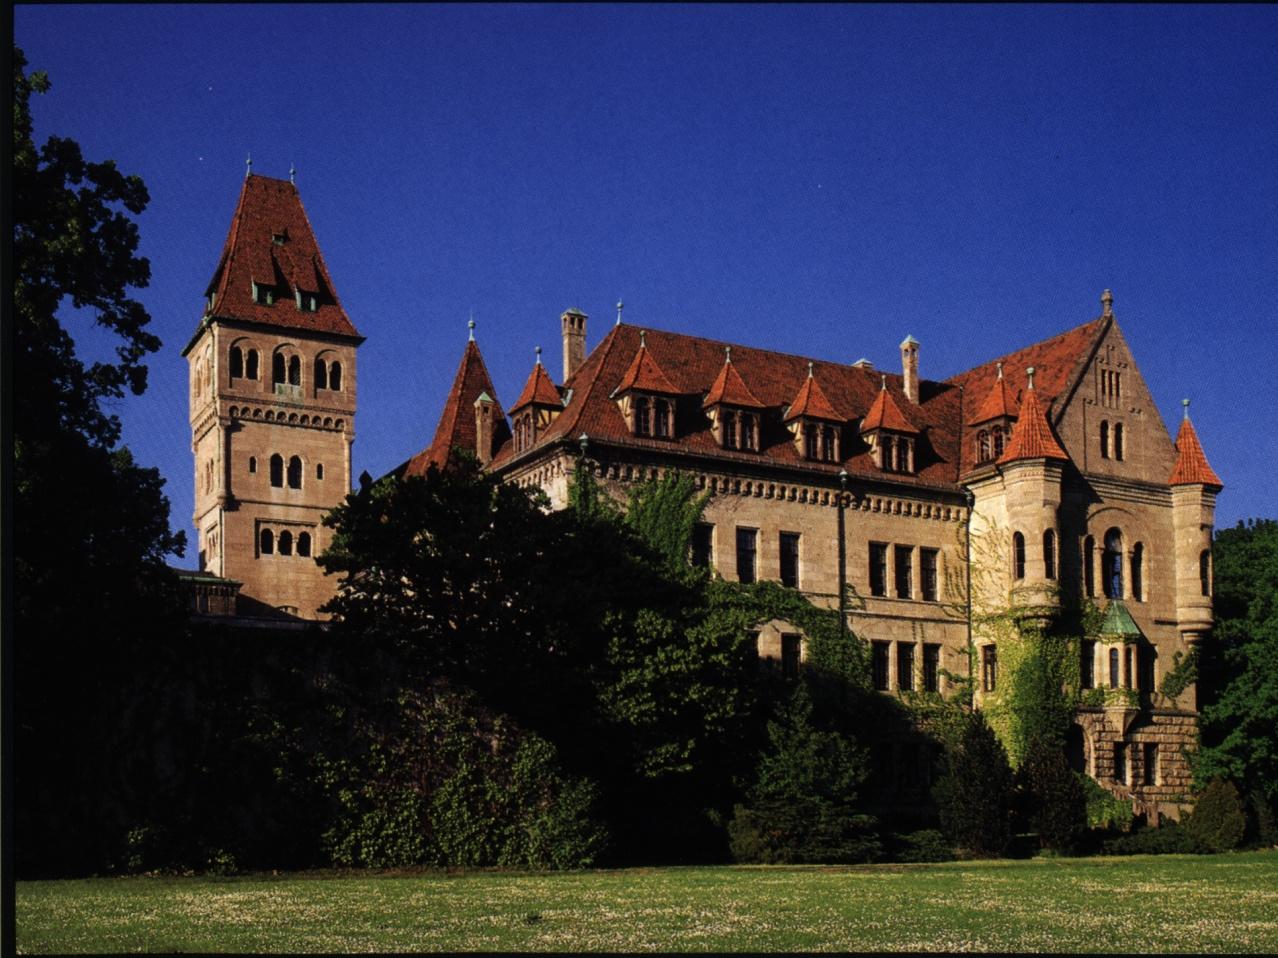 zamek rodu Faber-Castell w Stein